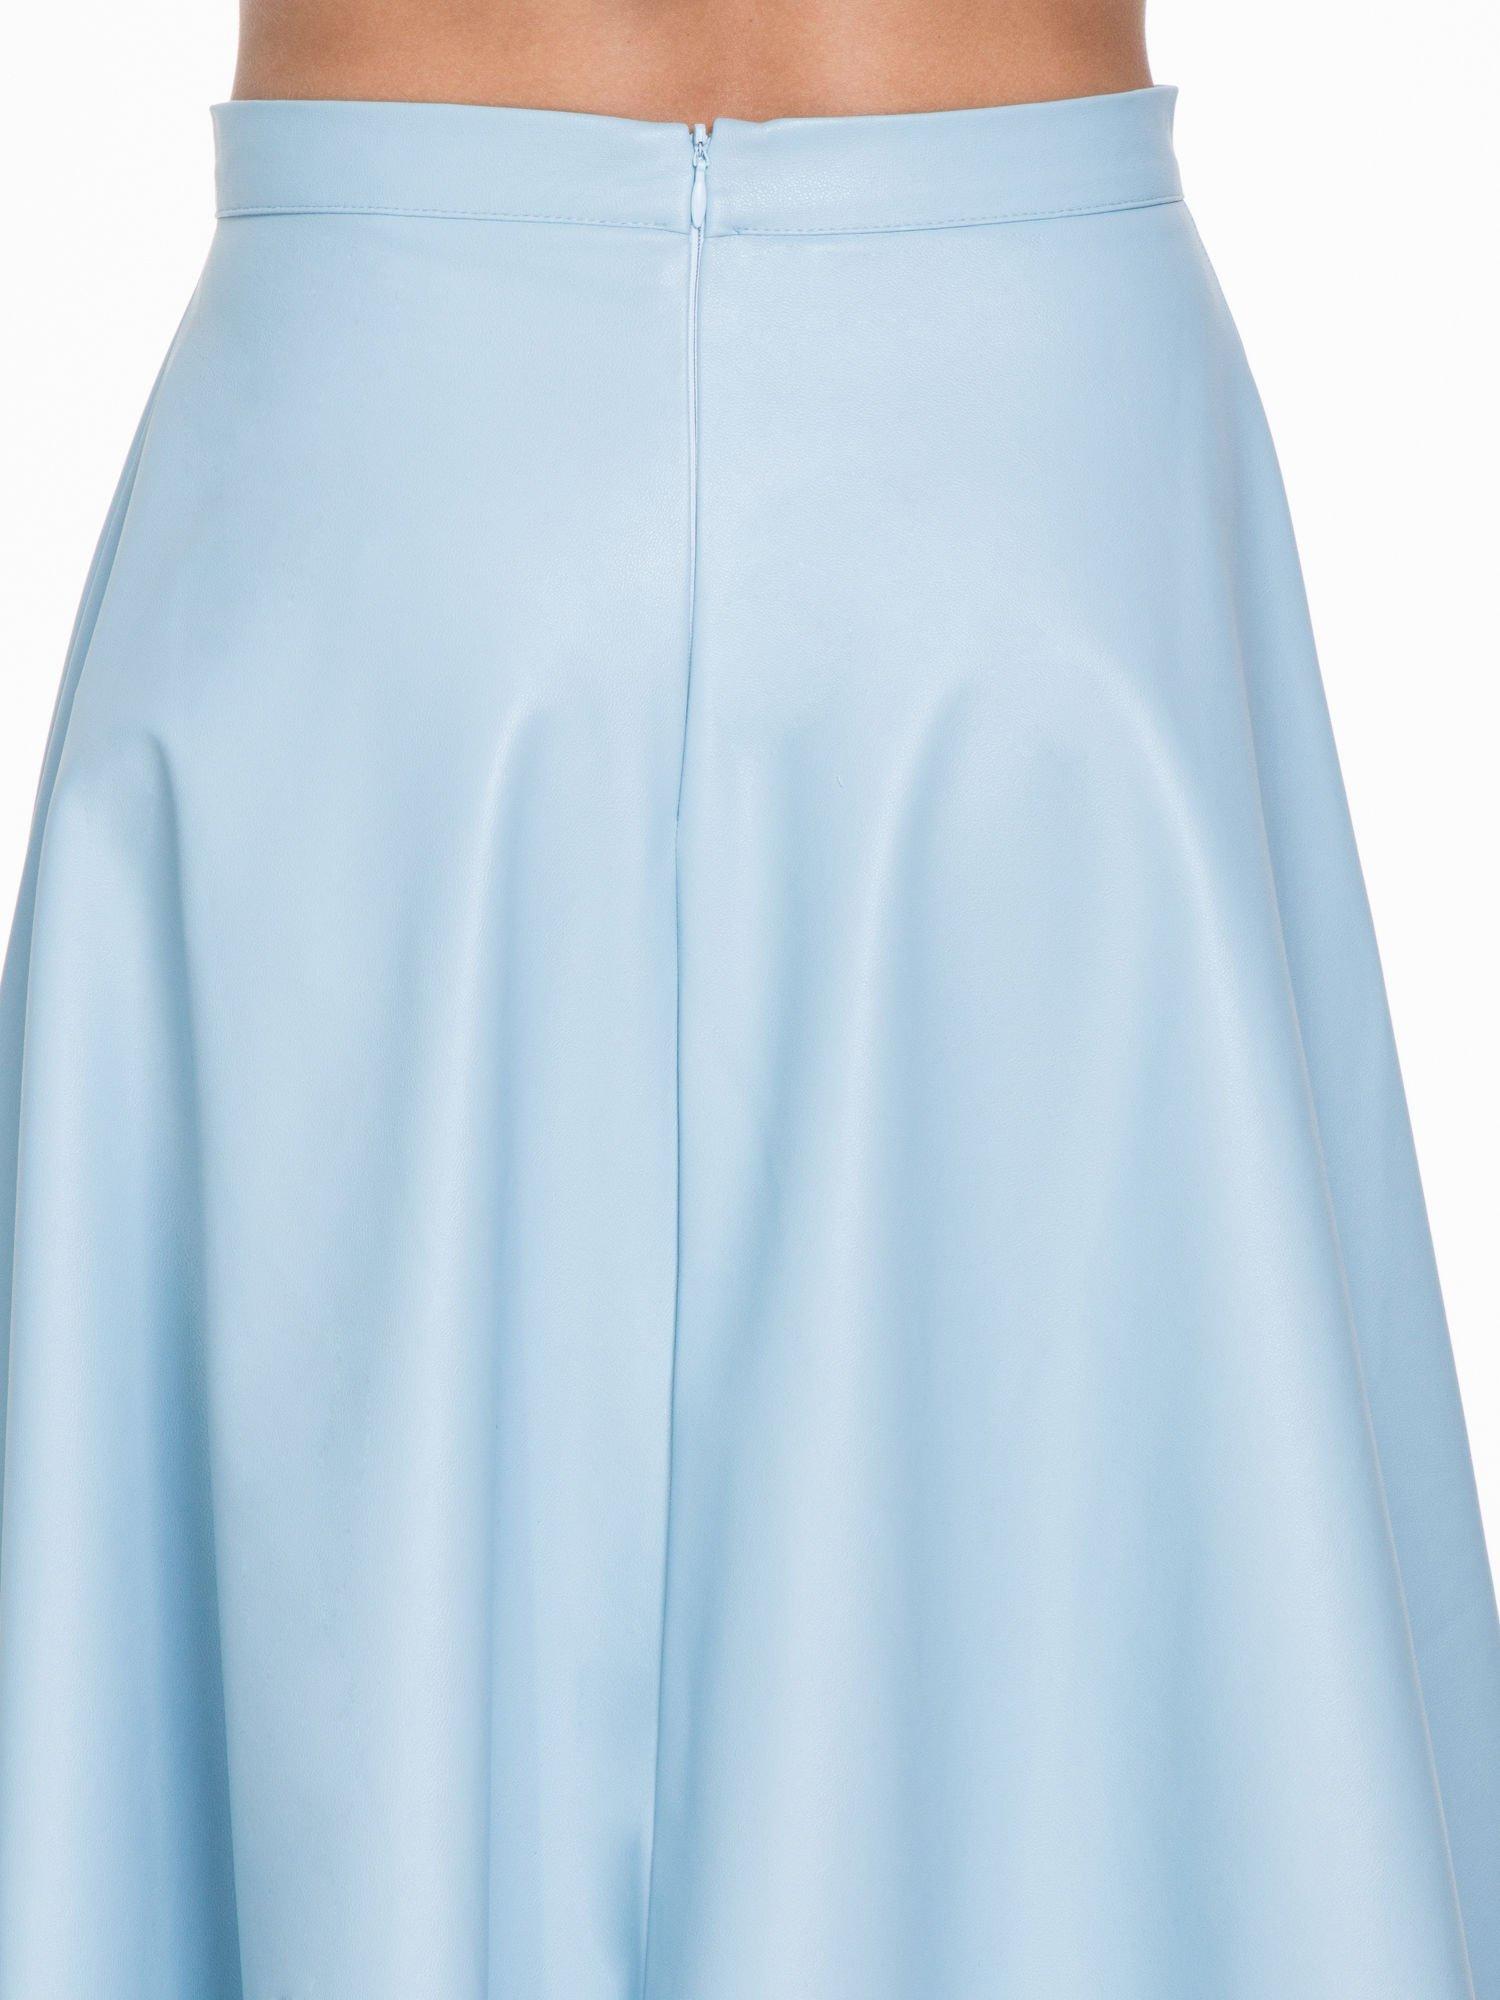 Spódnica midi szyta z półkola w kolorze baby blue                                  zdj.                                  6